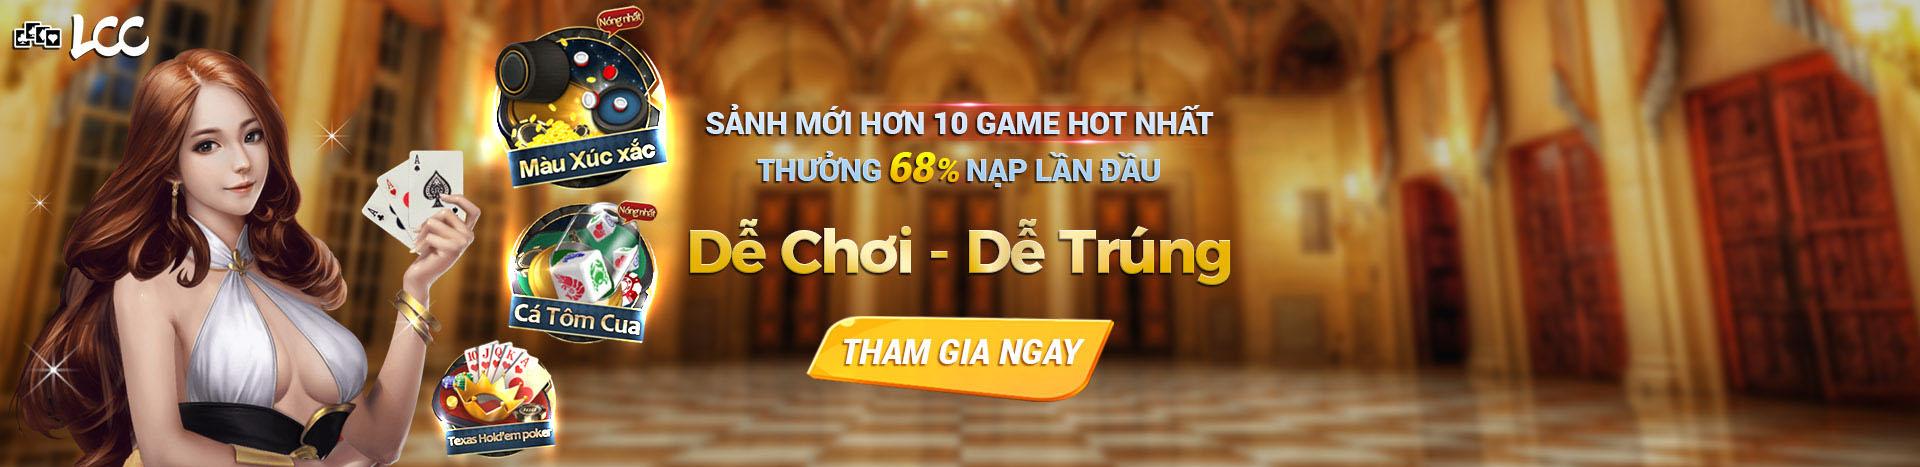 Casino 7ball